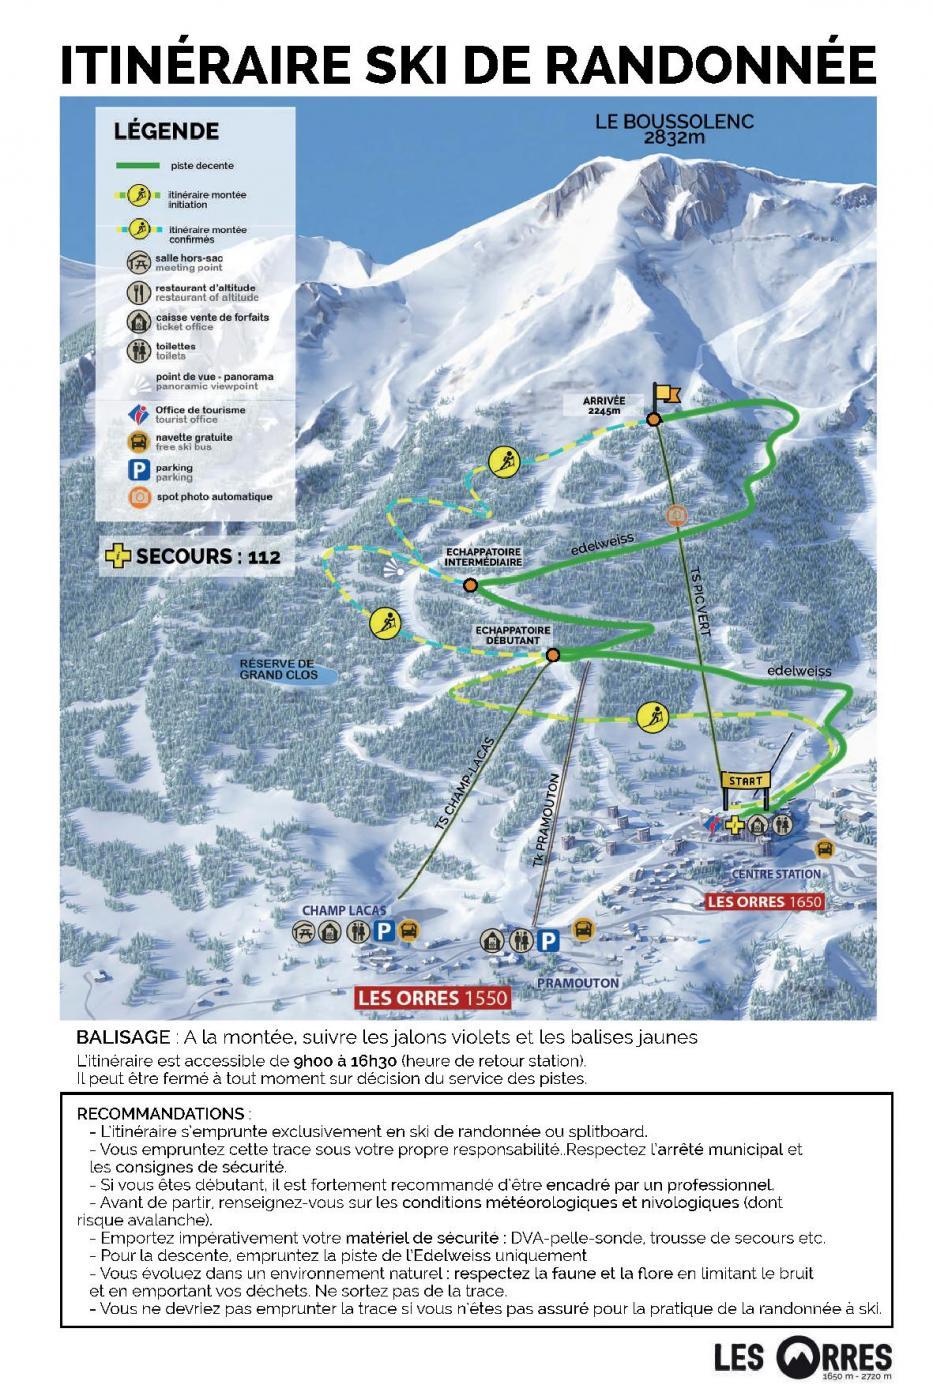 Itinéraire Ski de Rando